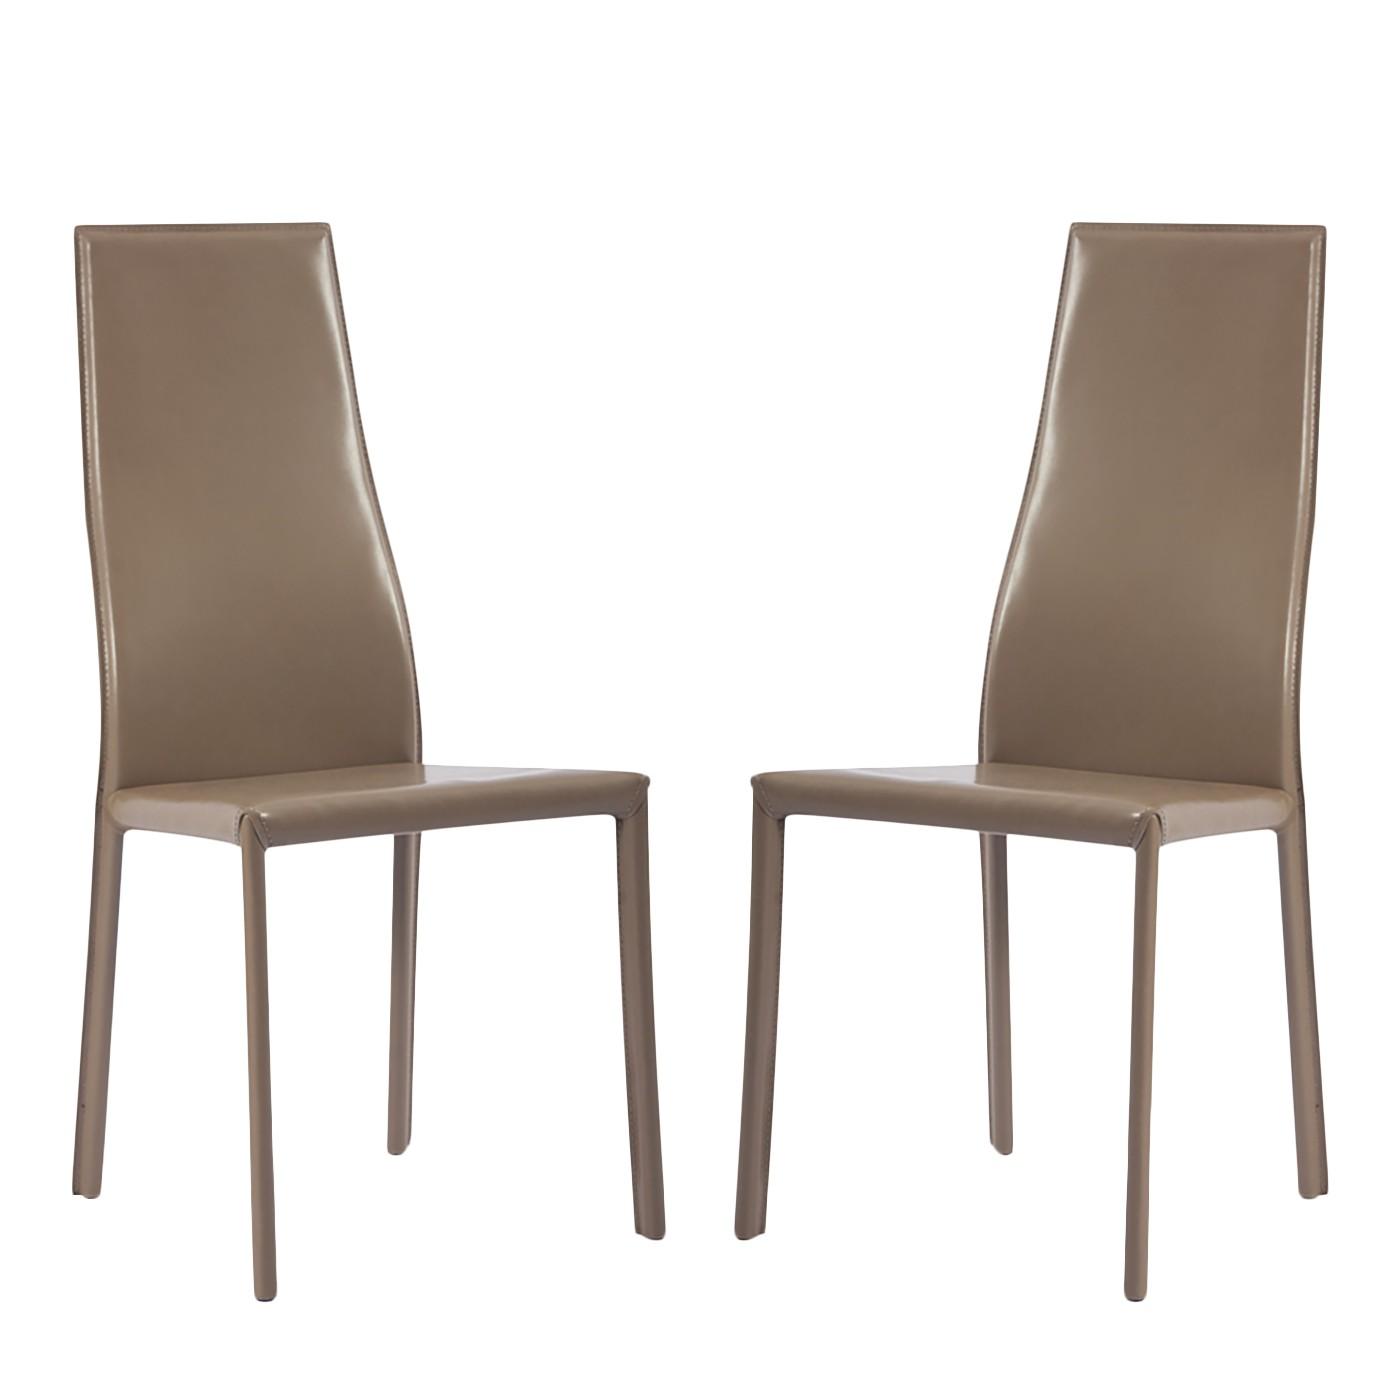 Gestoffeerde stoelen Valentina (2-delige set) - kunstleer - Ledervezels Elsu I Lichtbruin, Fredriks